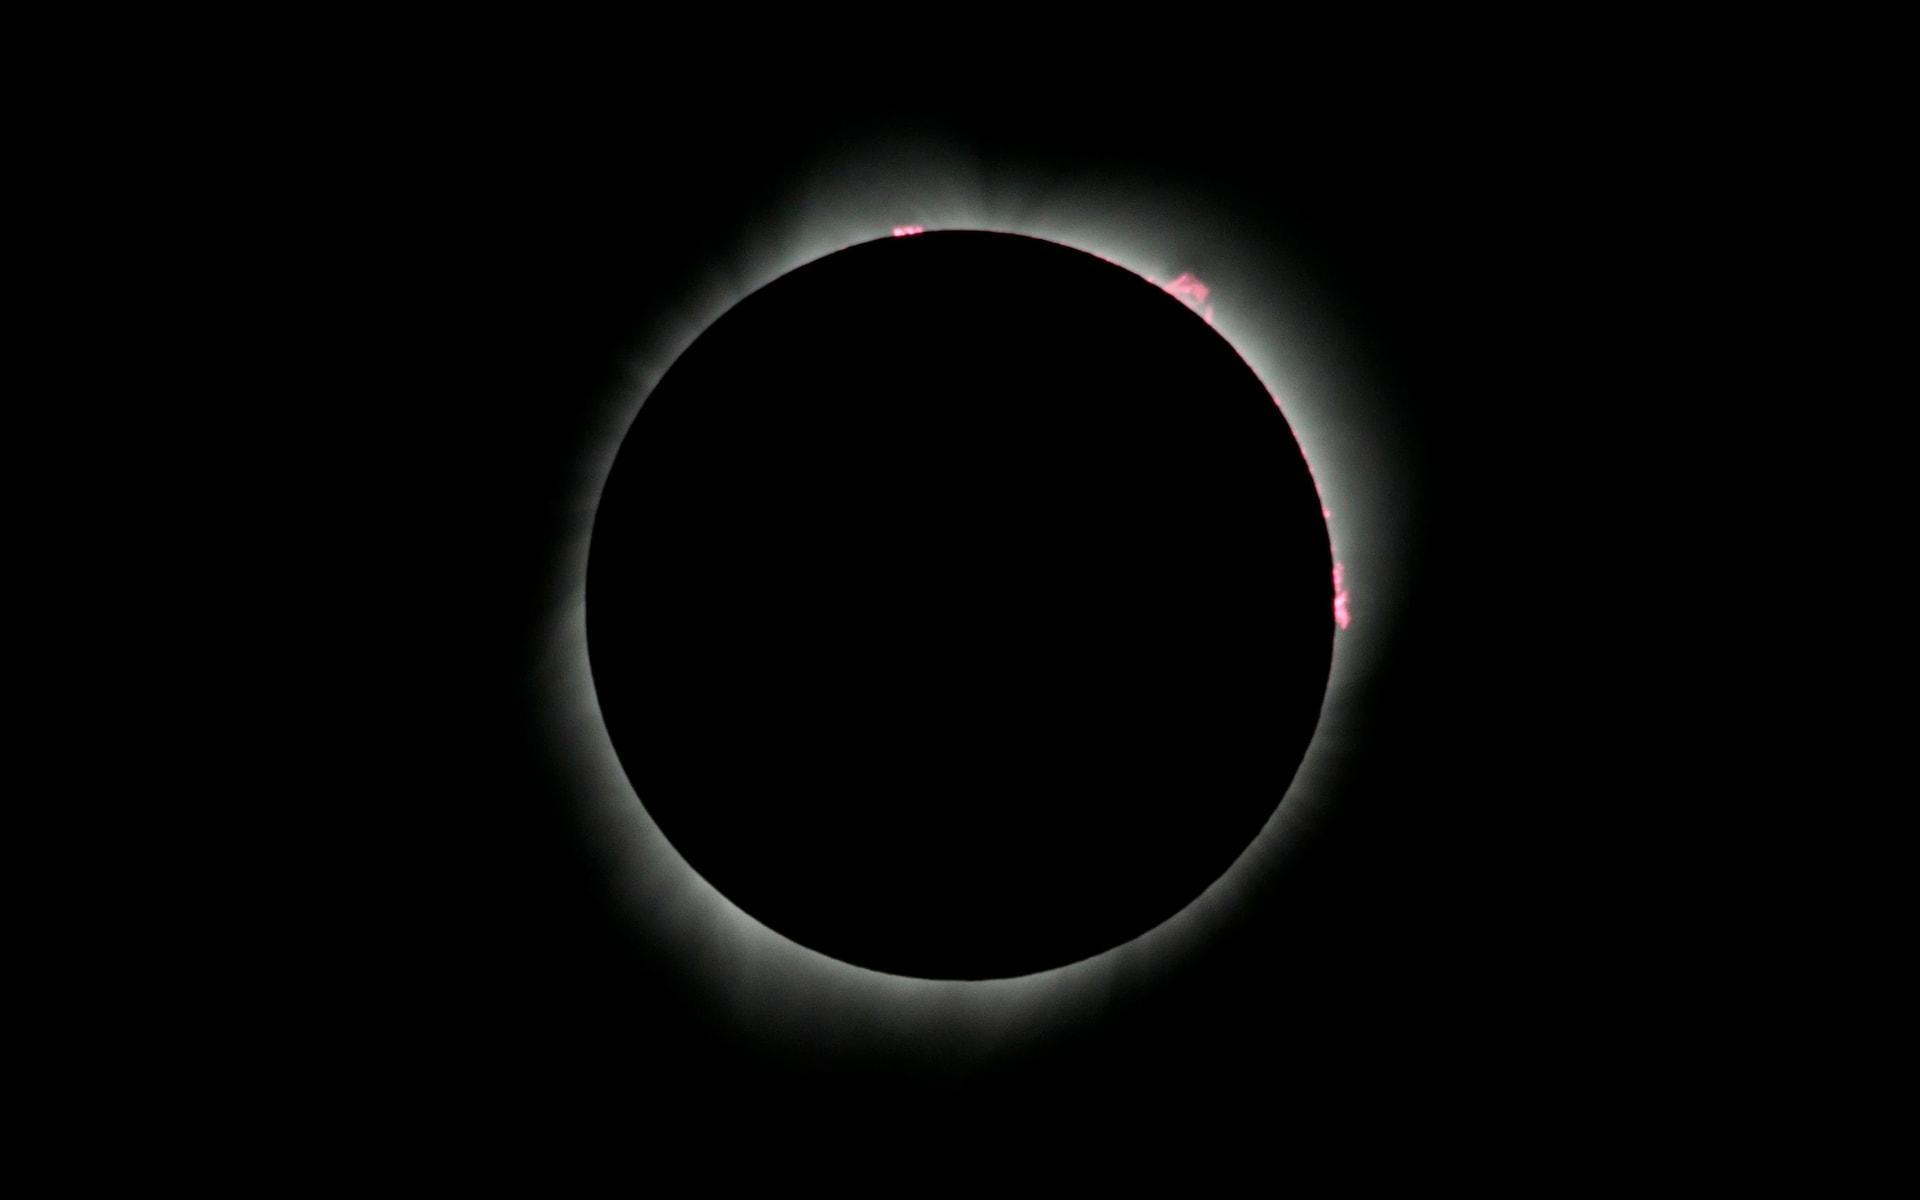 Những khoảnh khắc ấn tượng về nhật thực toàn phần tại Mỹ-6